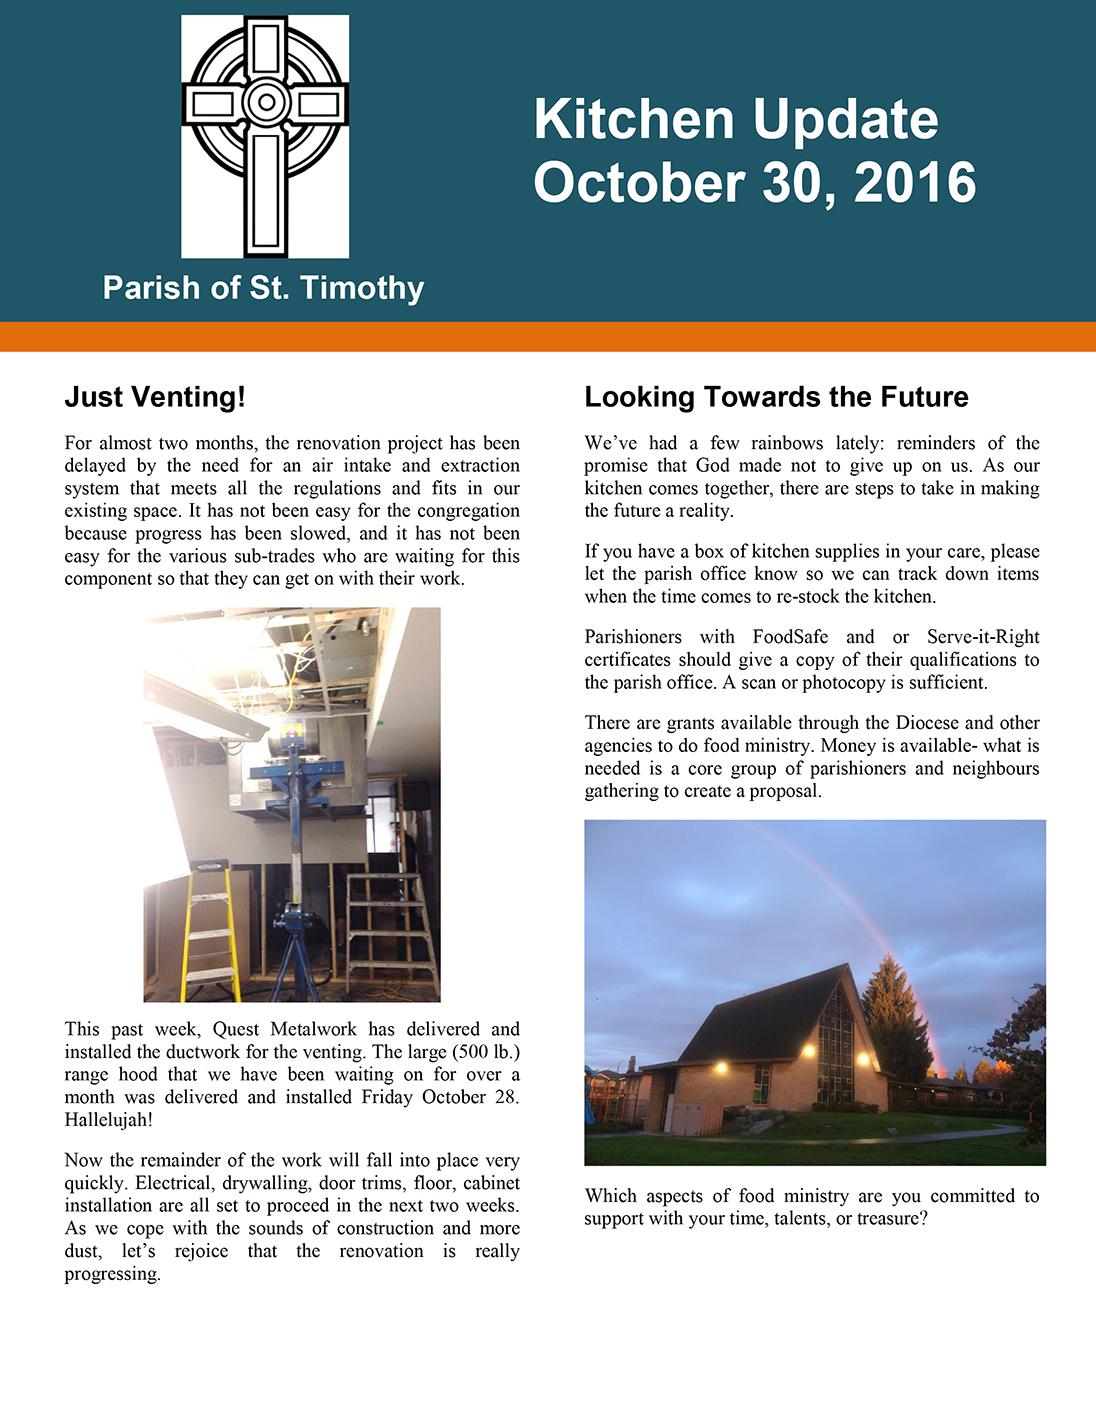 Newsletter: Kitchen Update - October 30